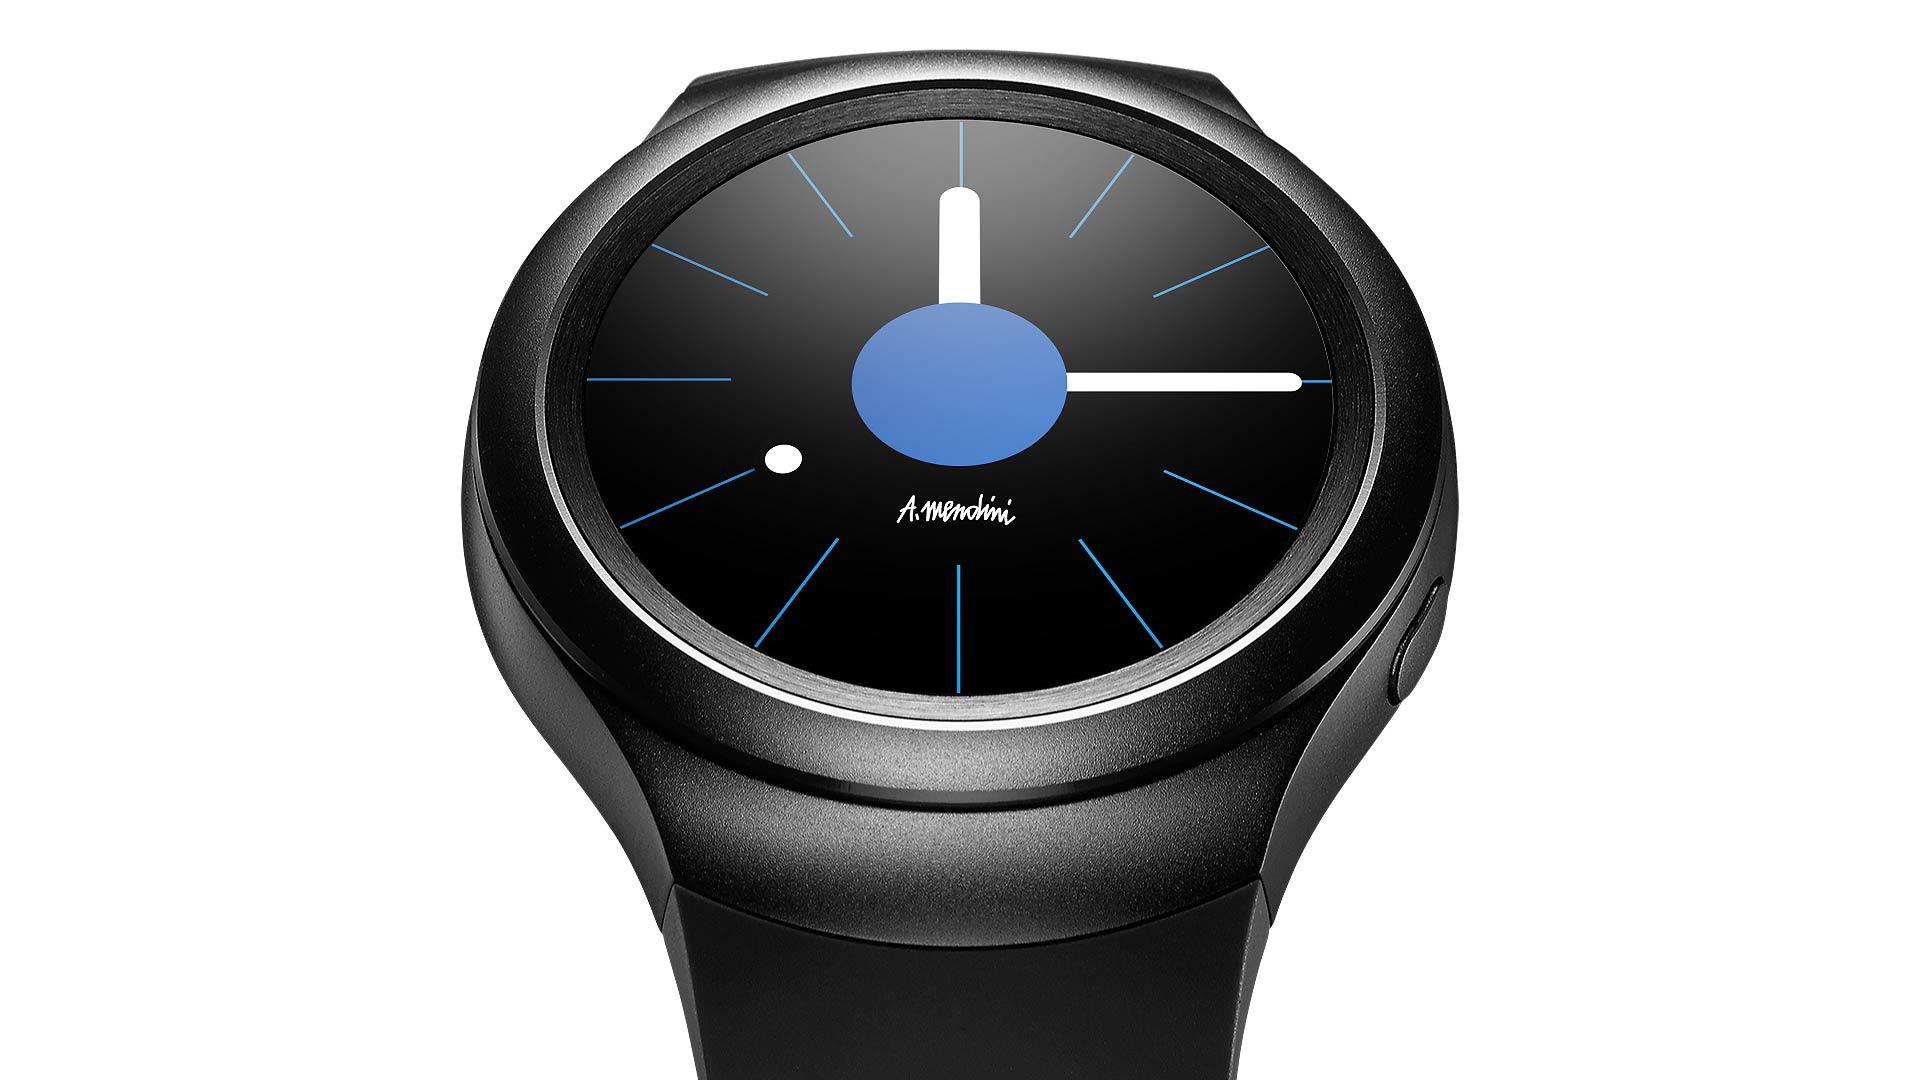 Samsung Gear S2 Scheda Tecnica Recensione